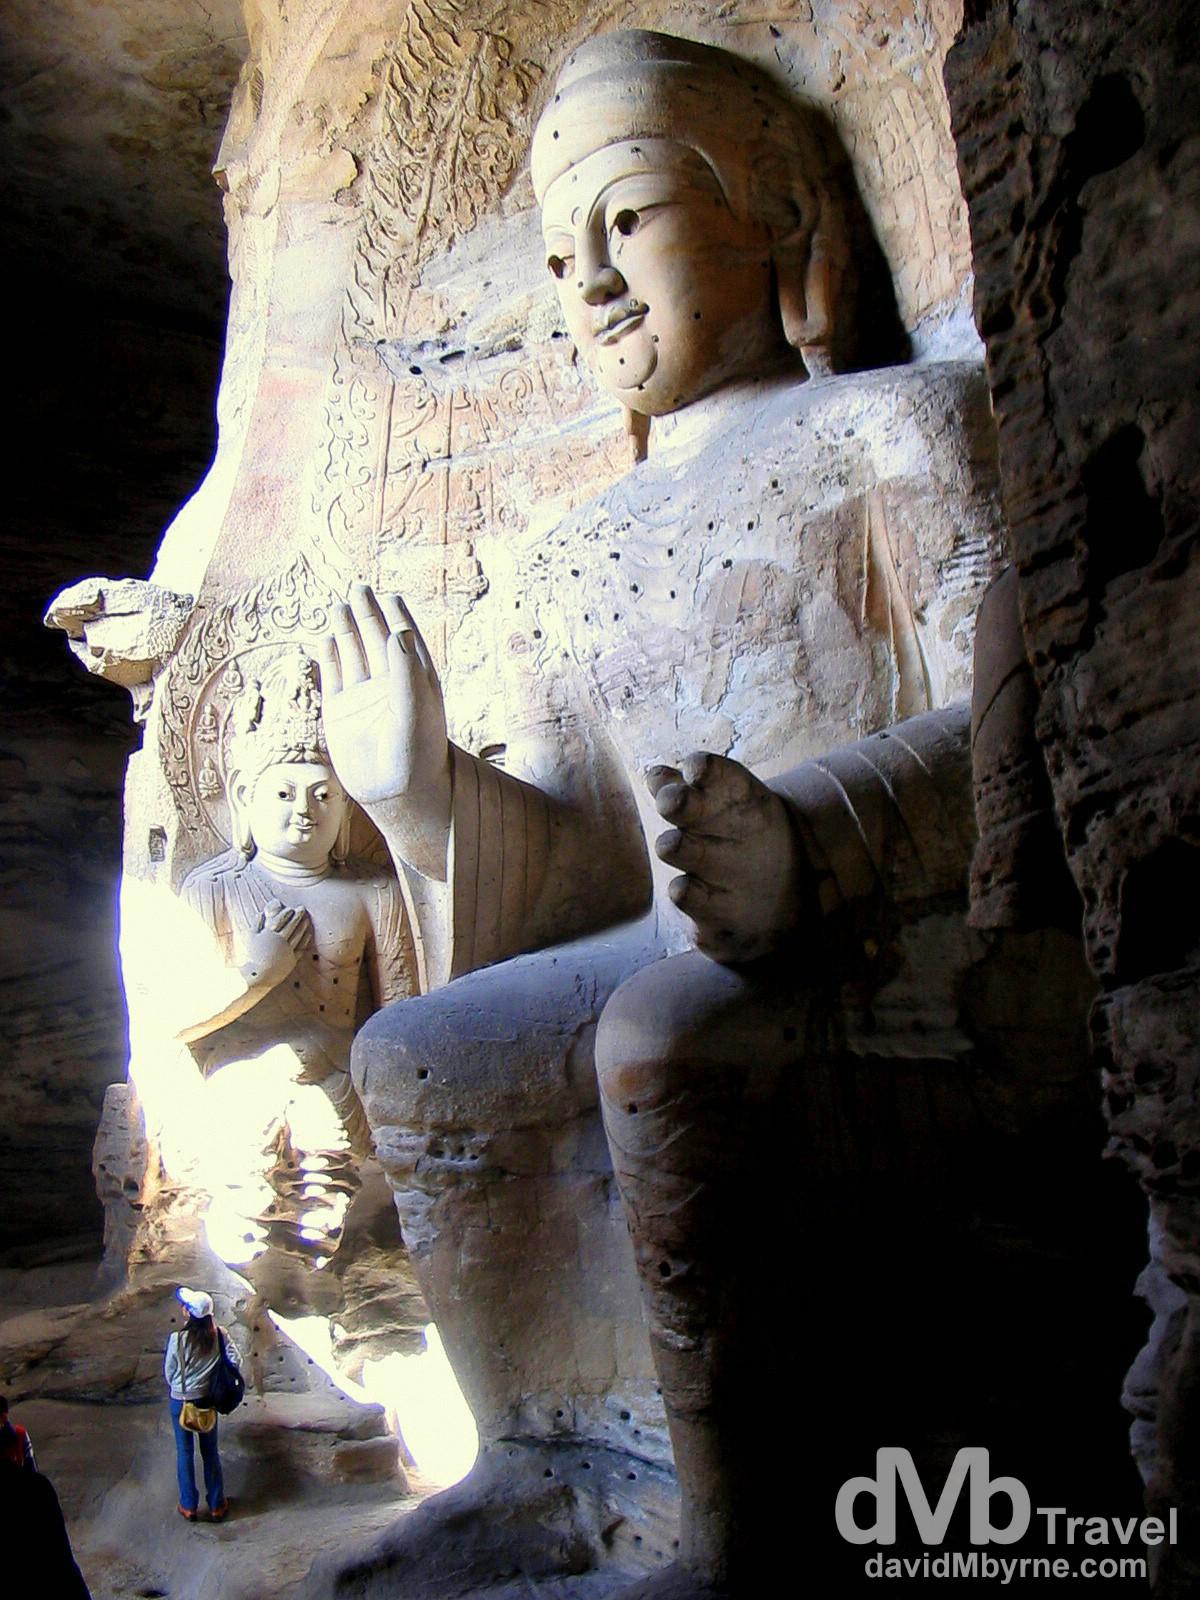 Buddha & Attendants Of Cave 3, Yungang Caves, Datong, Shanxi Provence, China. October 2nd 2004.